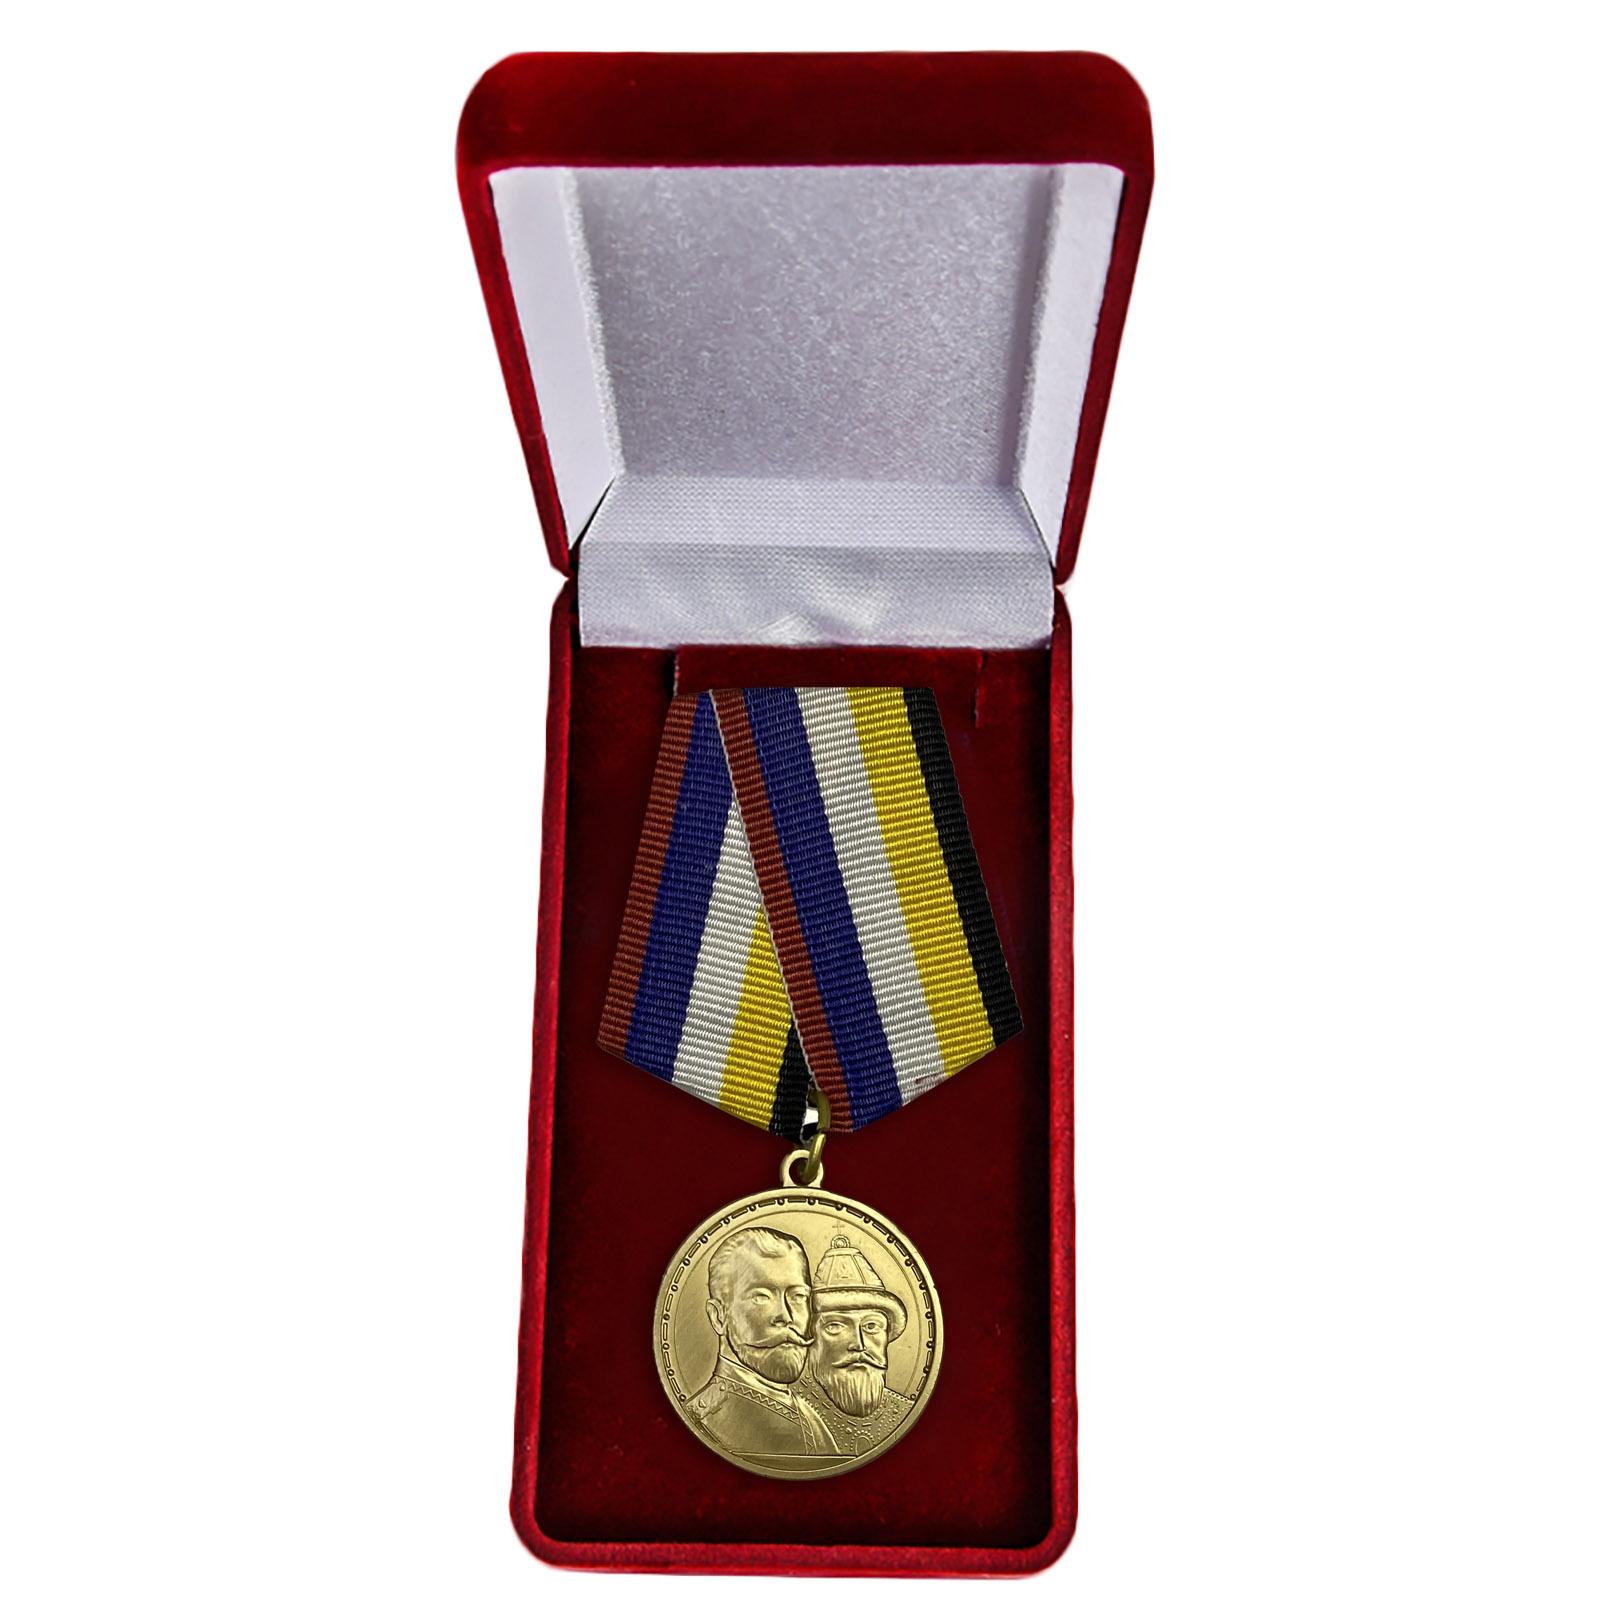 Памятная медаль 400 лет Дому Романовых - в футляре